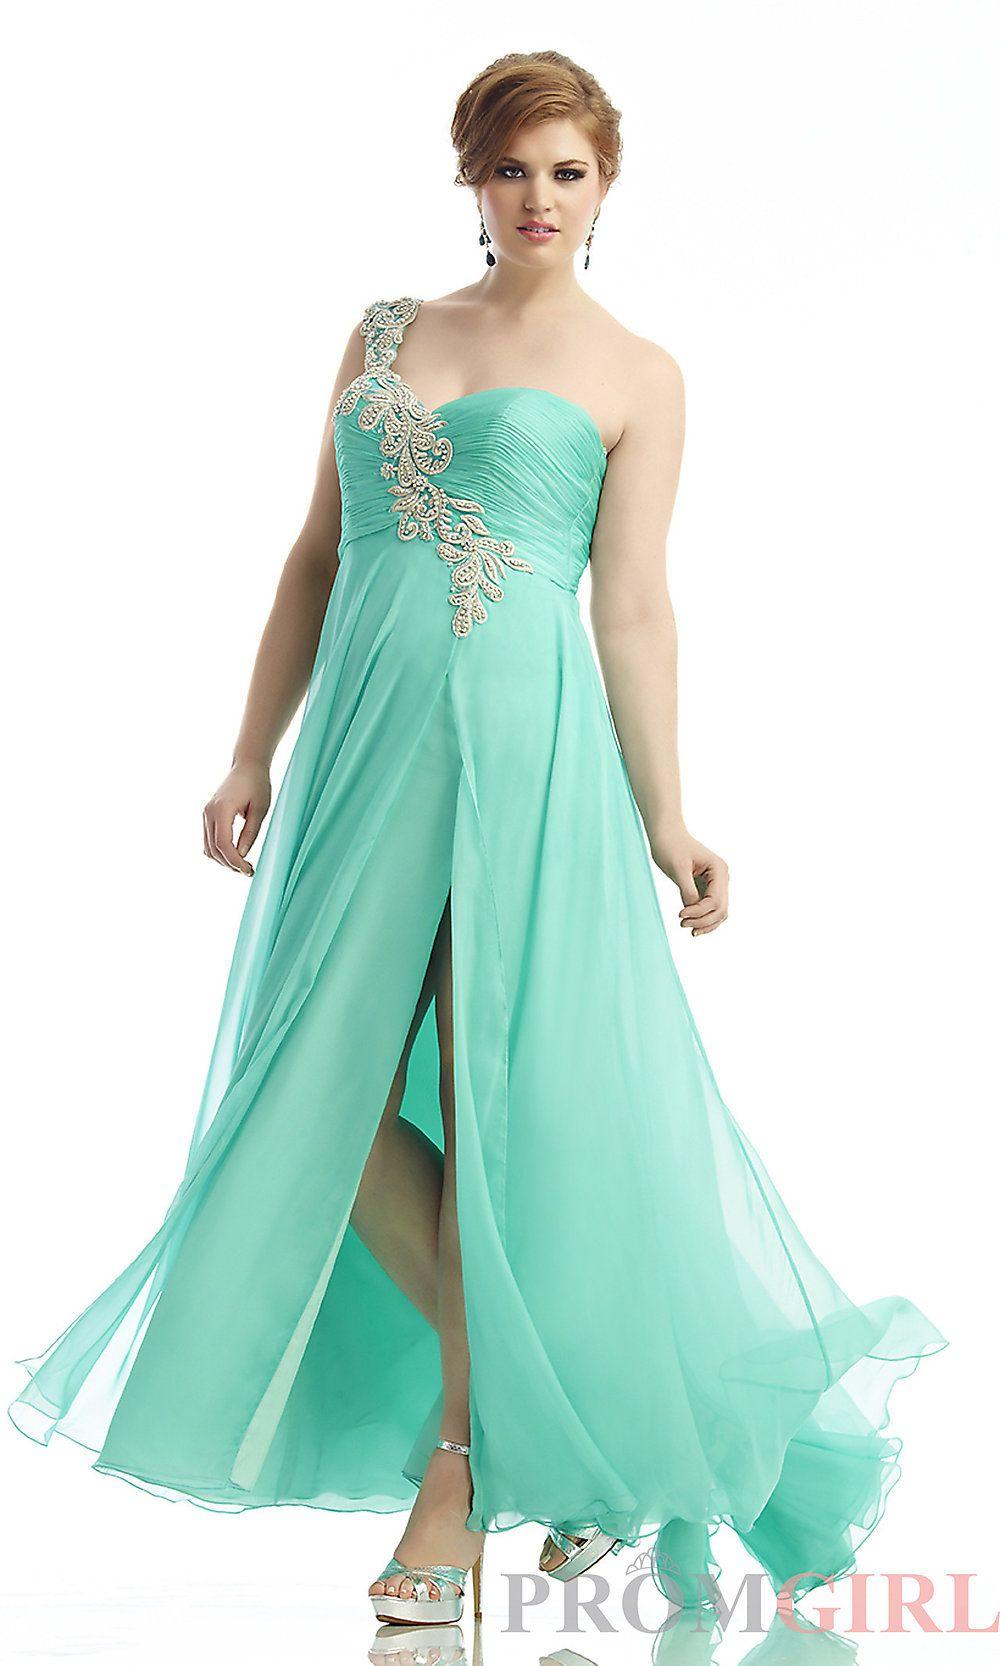 f384288a2a7 Prom Dresses